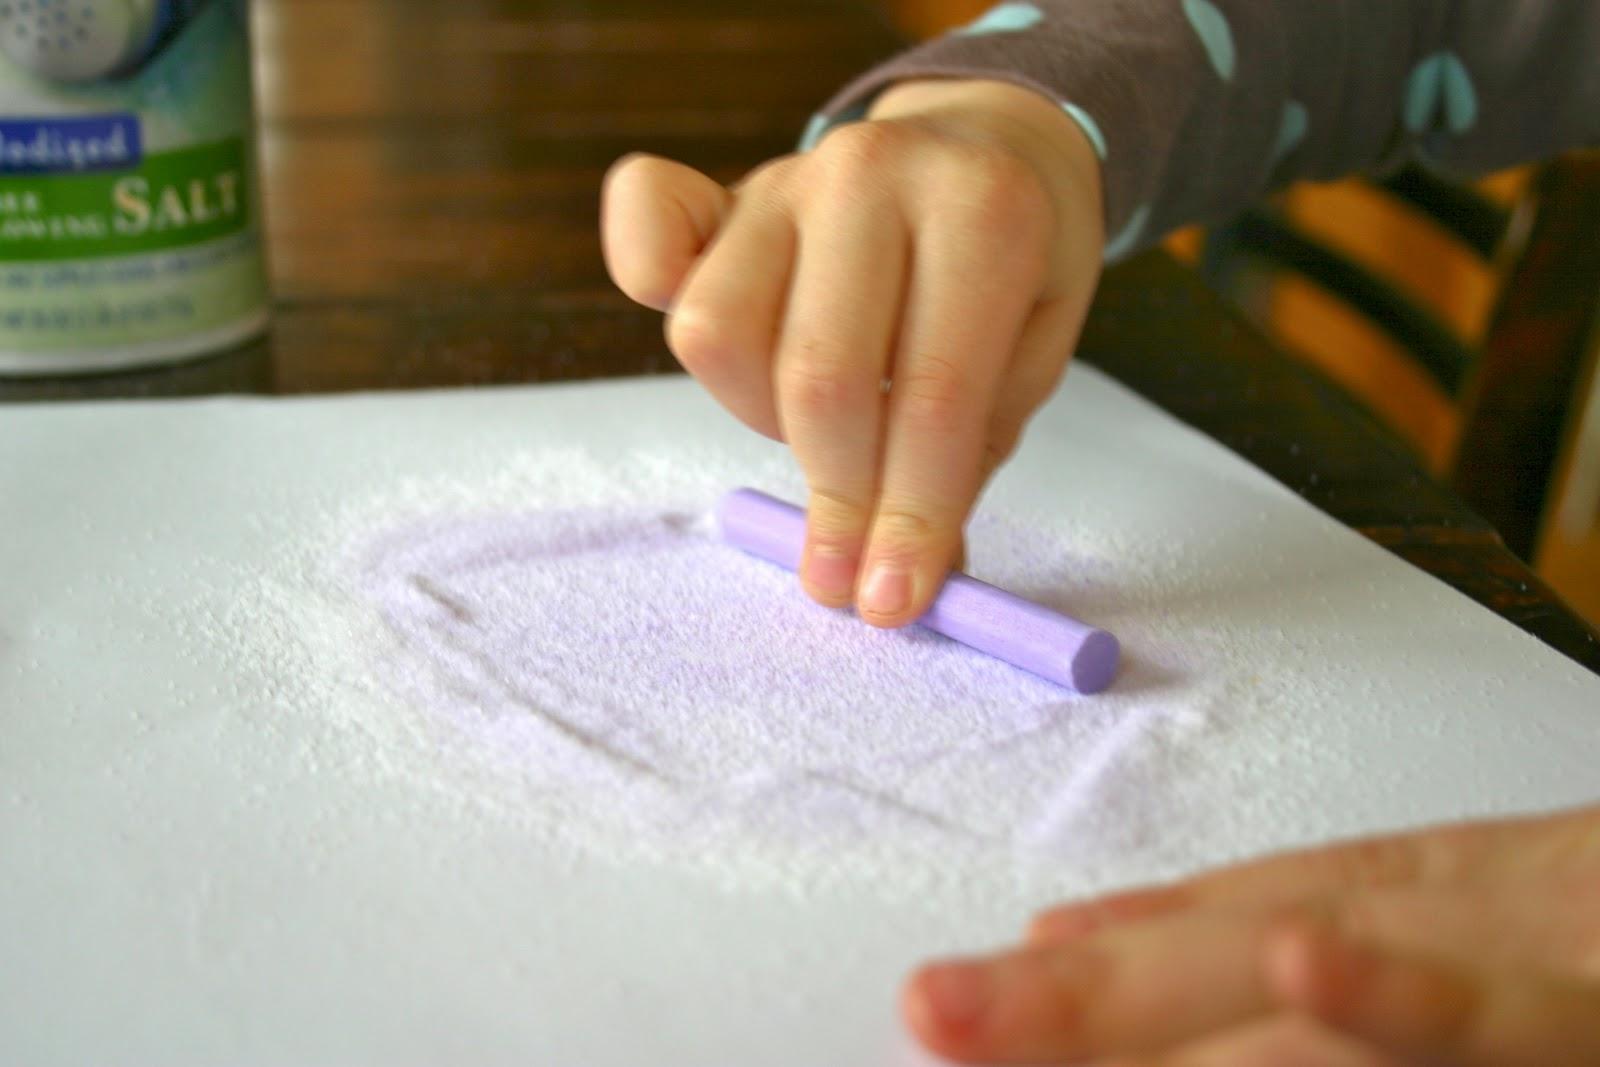 Поделки своими руками с солью фото